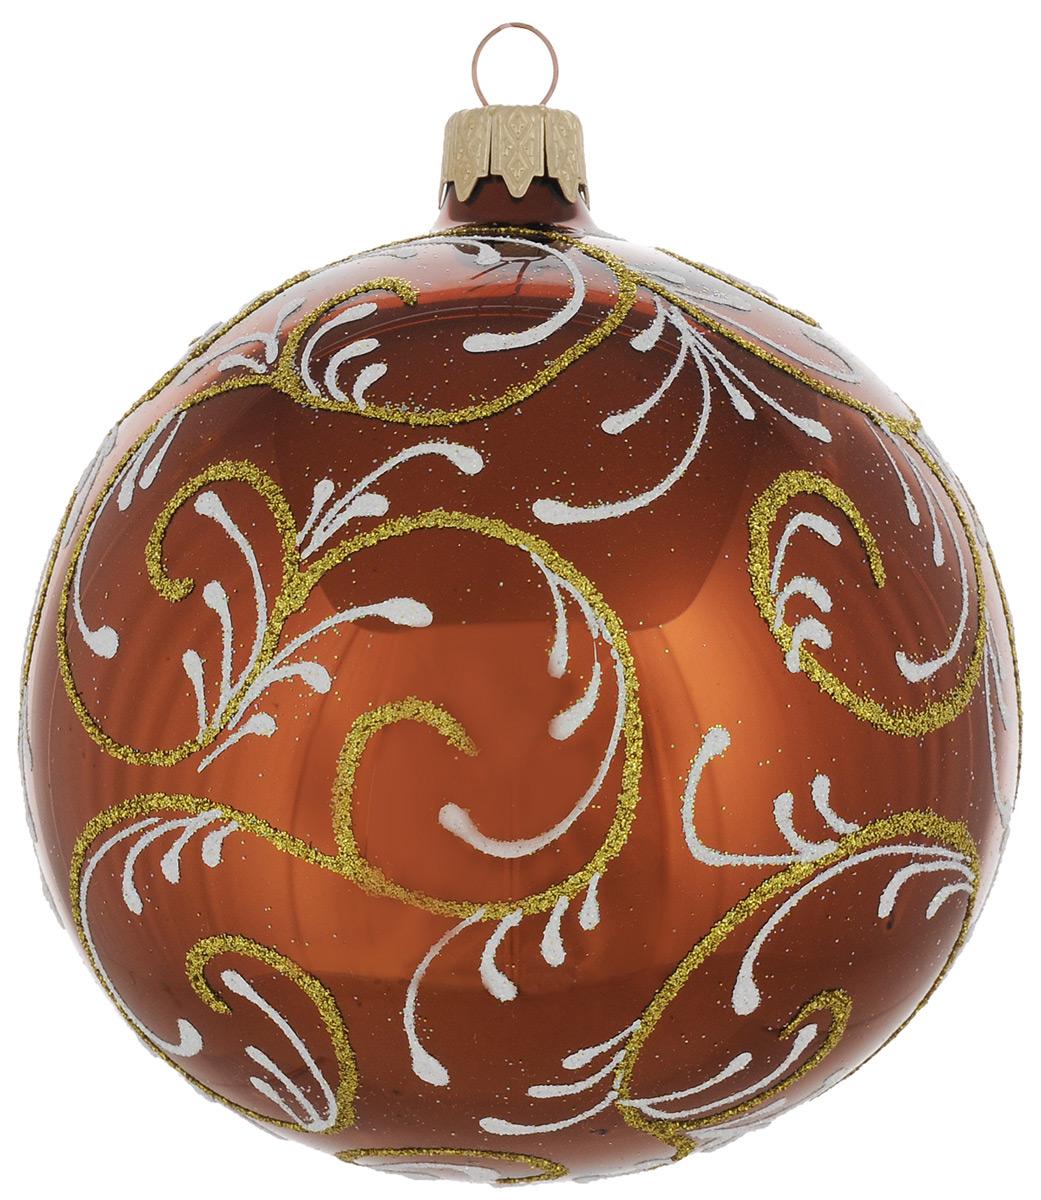 """Новогоднее подвесное украшение """"Узор"""", цвет: коричневый, диаметр 10 см. Ручная роспись"""